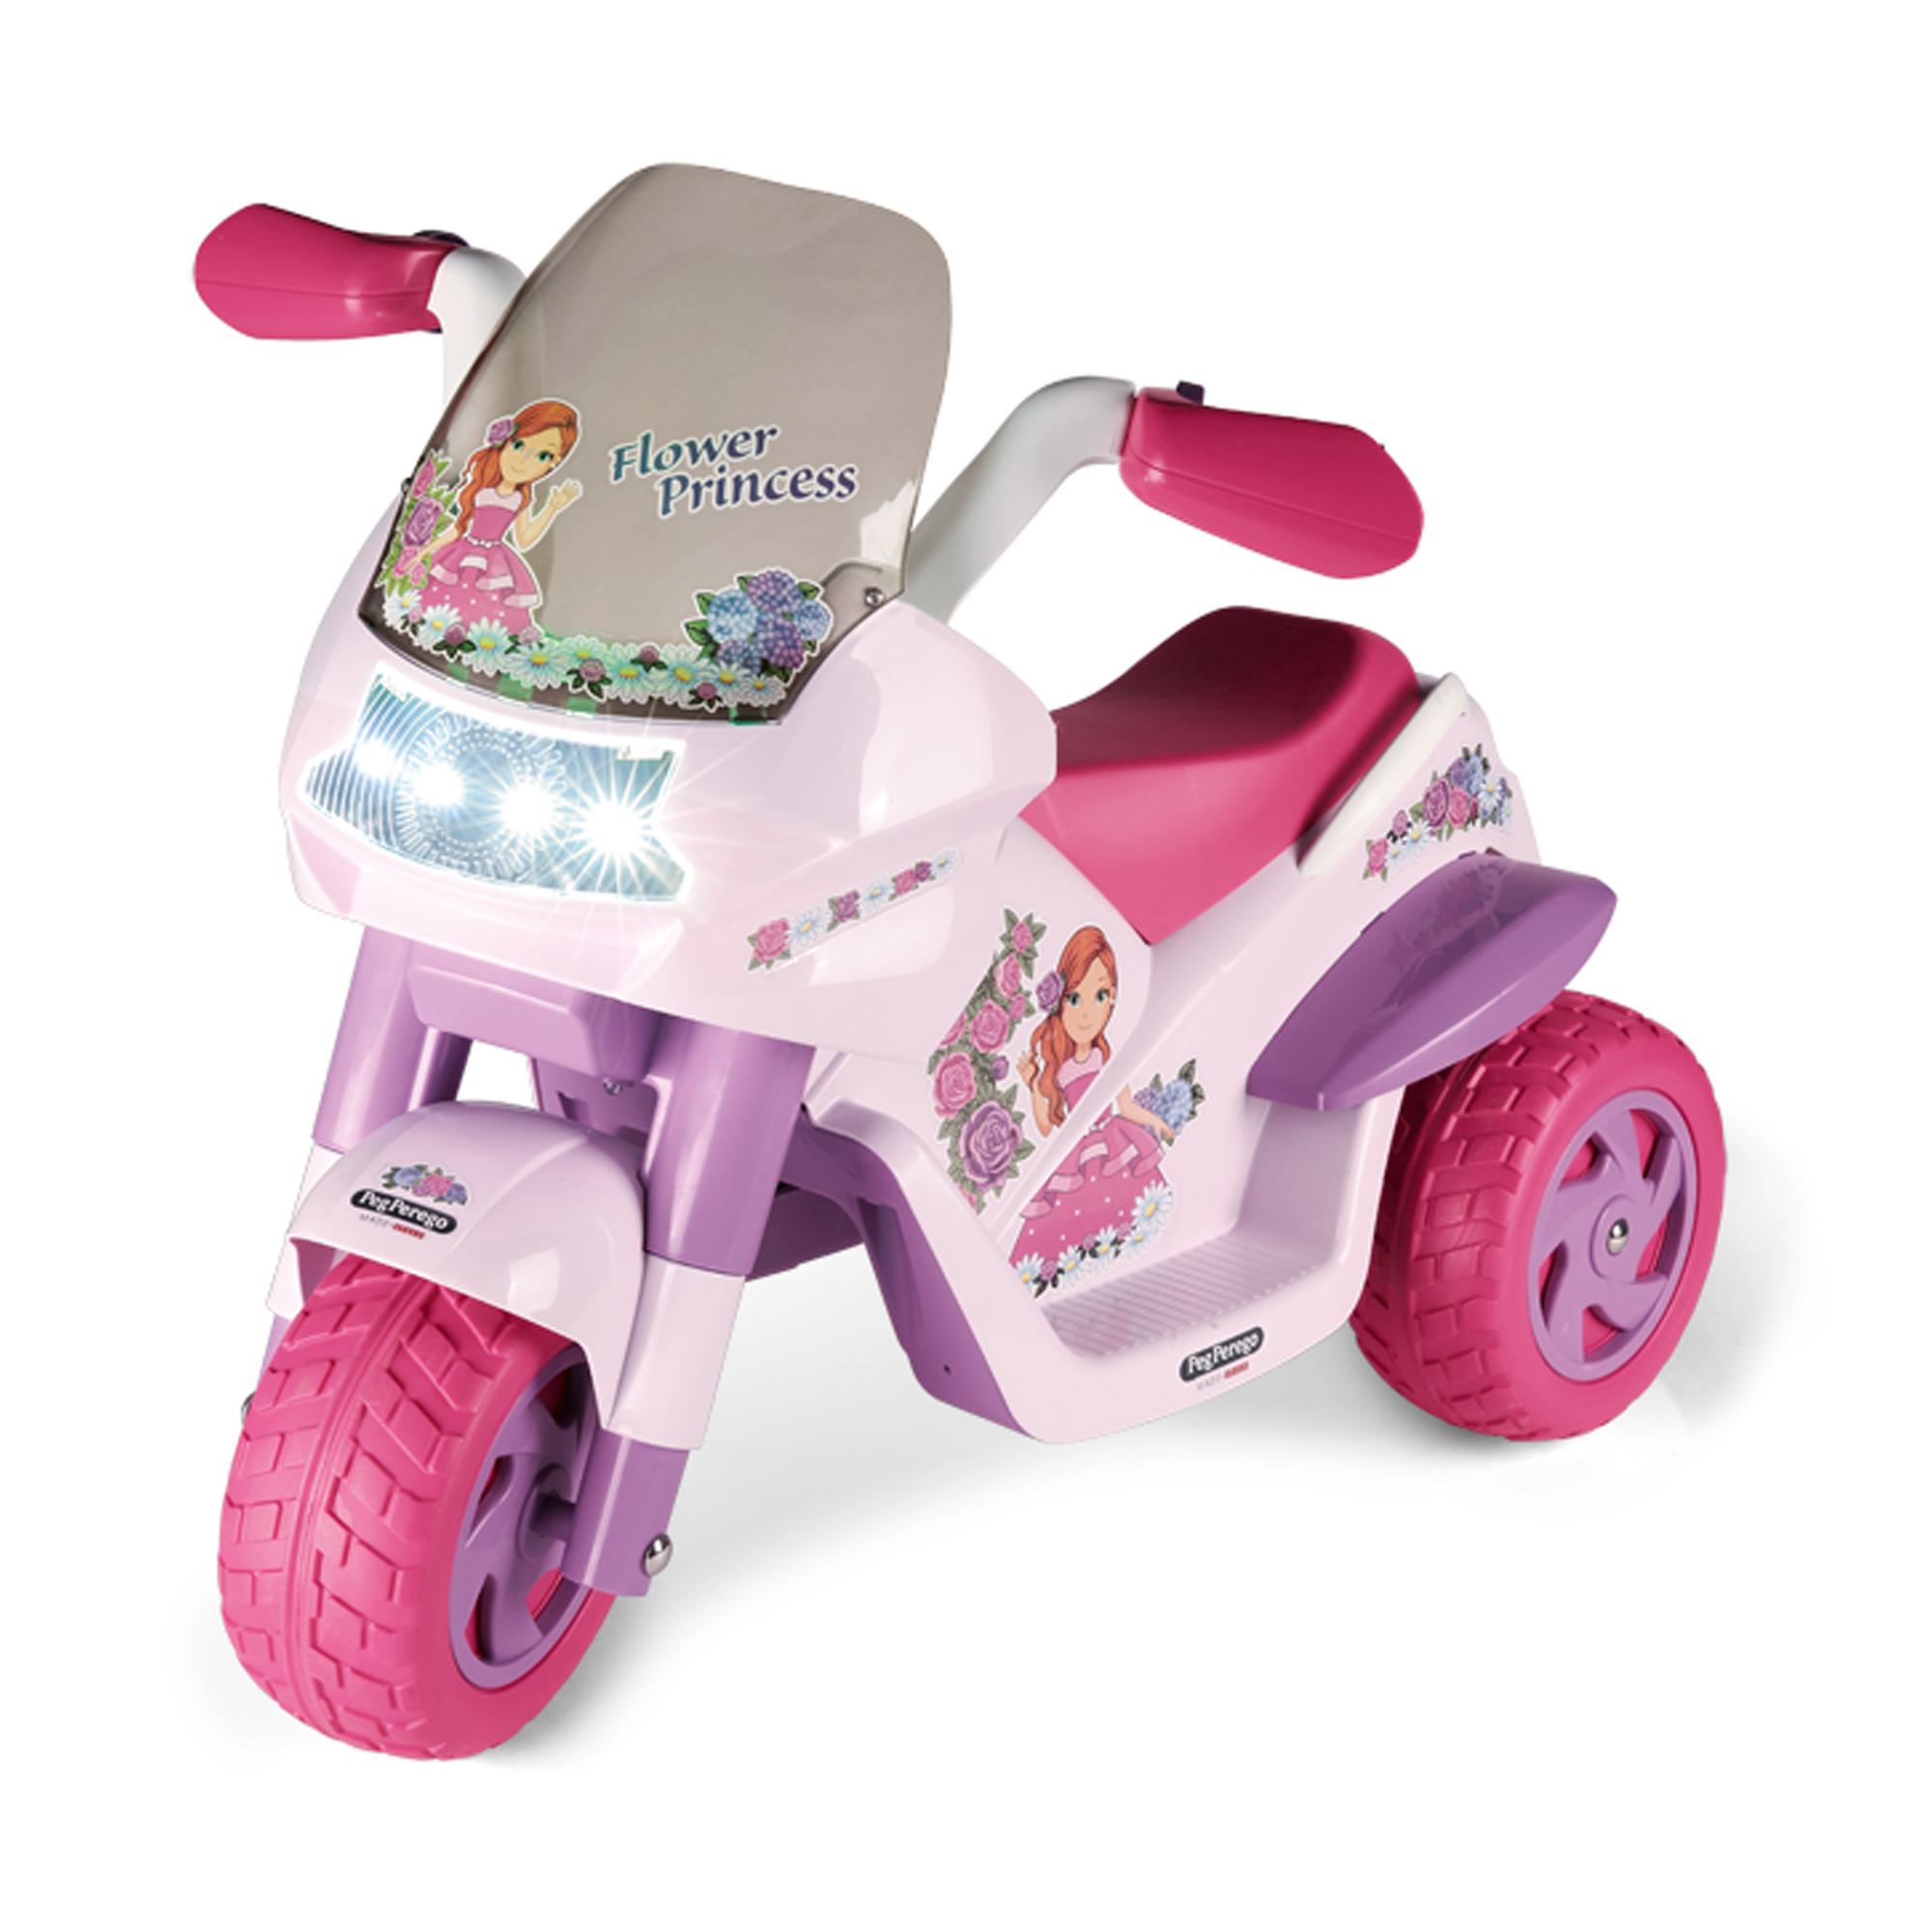 Motocicleta electrica Peg Perego Flower Princess, 6V, 2 ani +, Roz/Mov